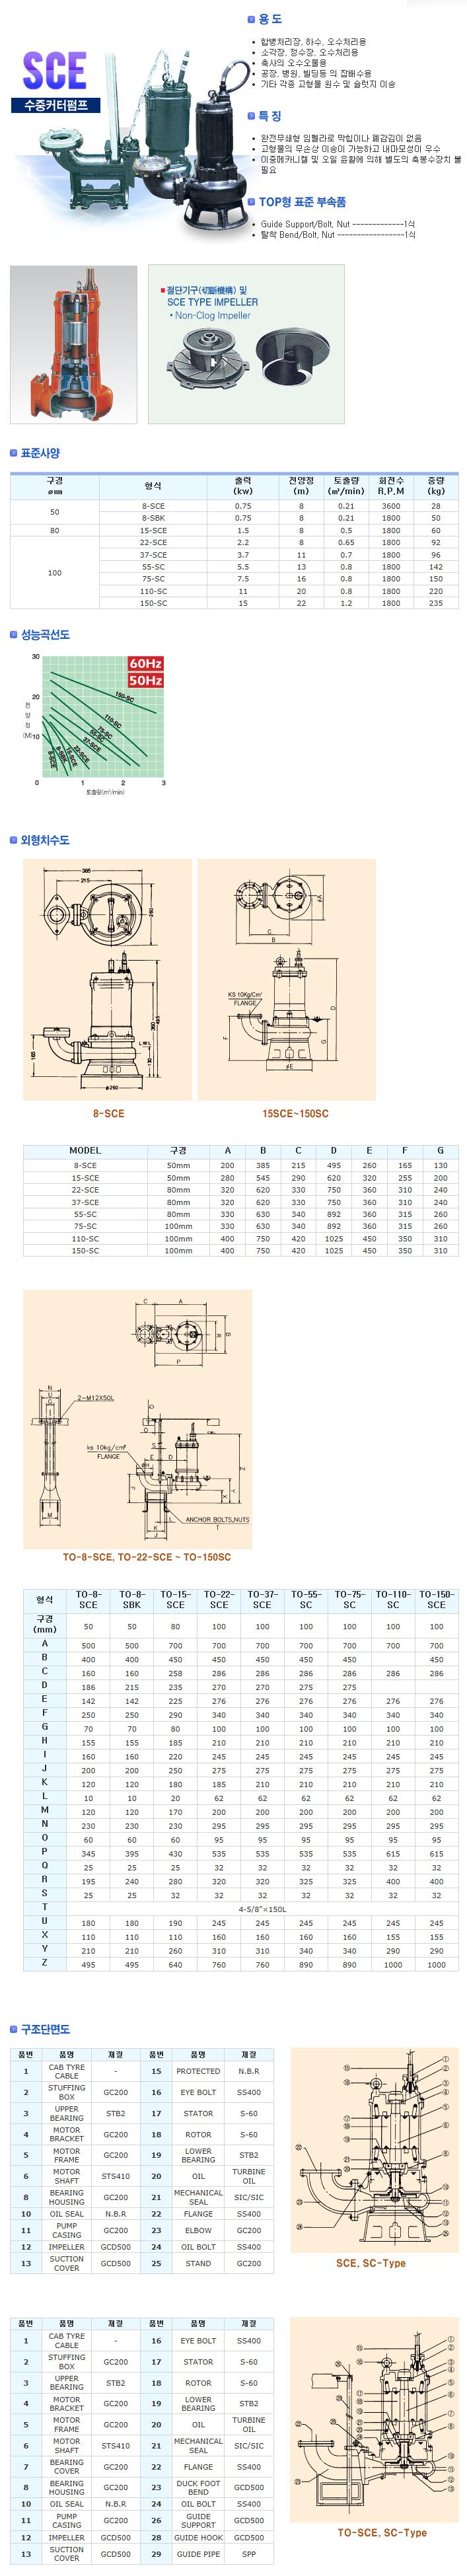 신신펌프제작소 수중커터펌프 SCE 1